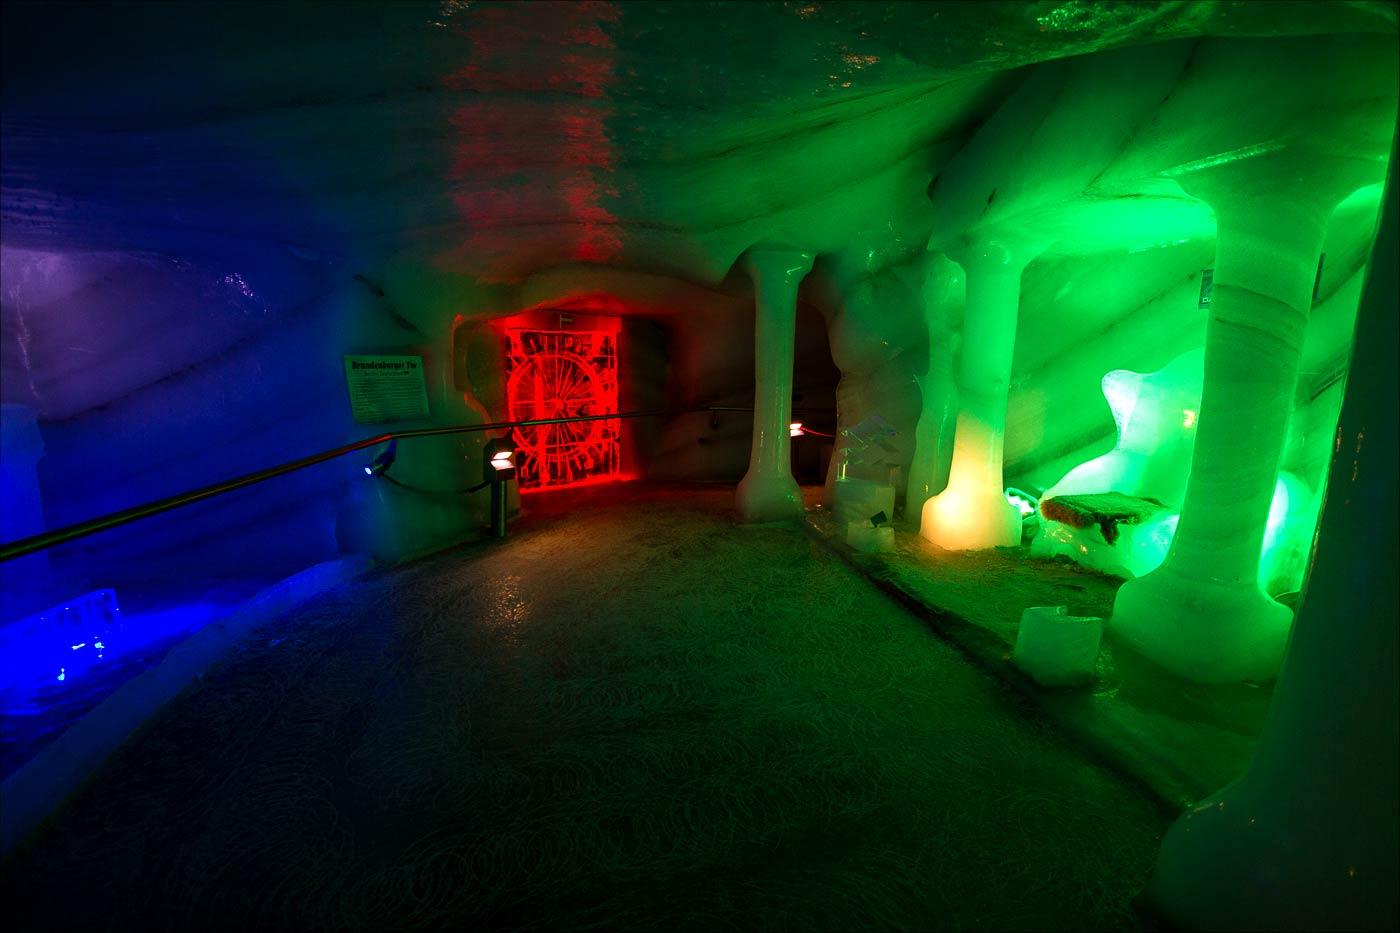 Ледяная пещера, Горный массив Дахштайн, Австрийские Альпы